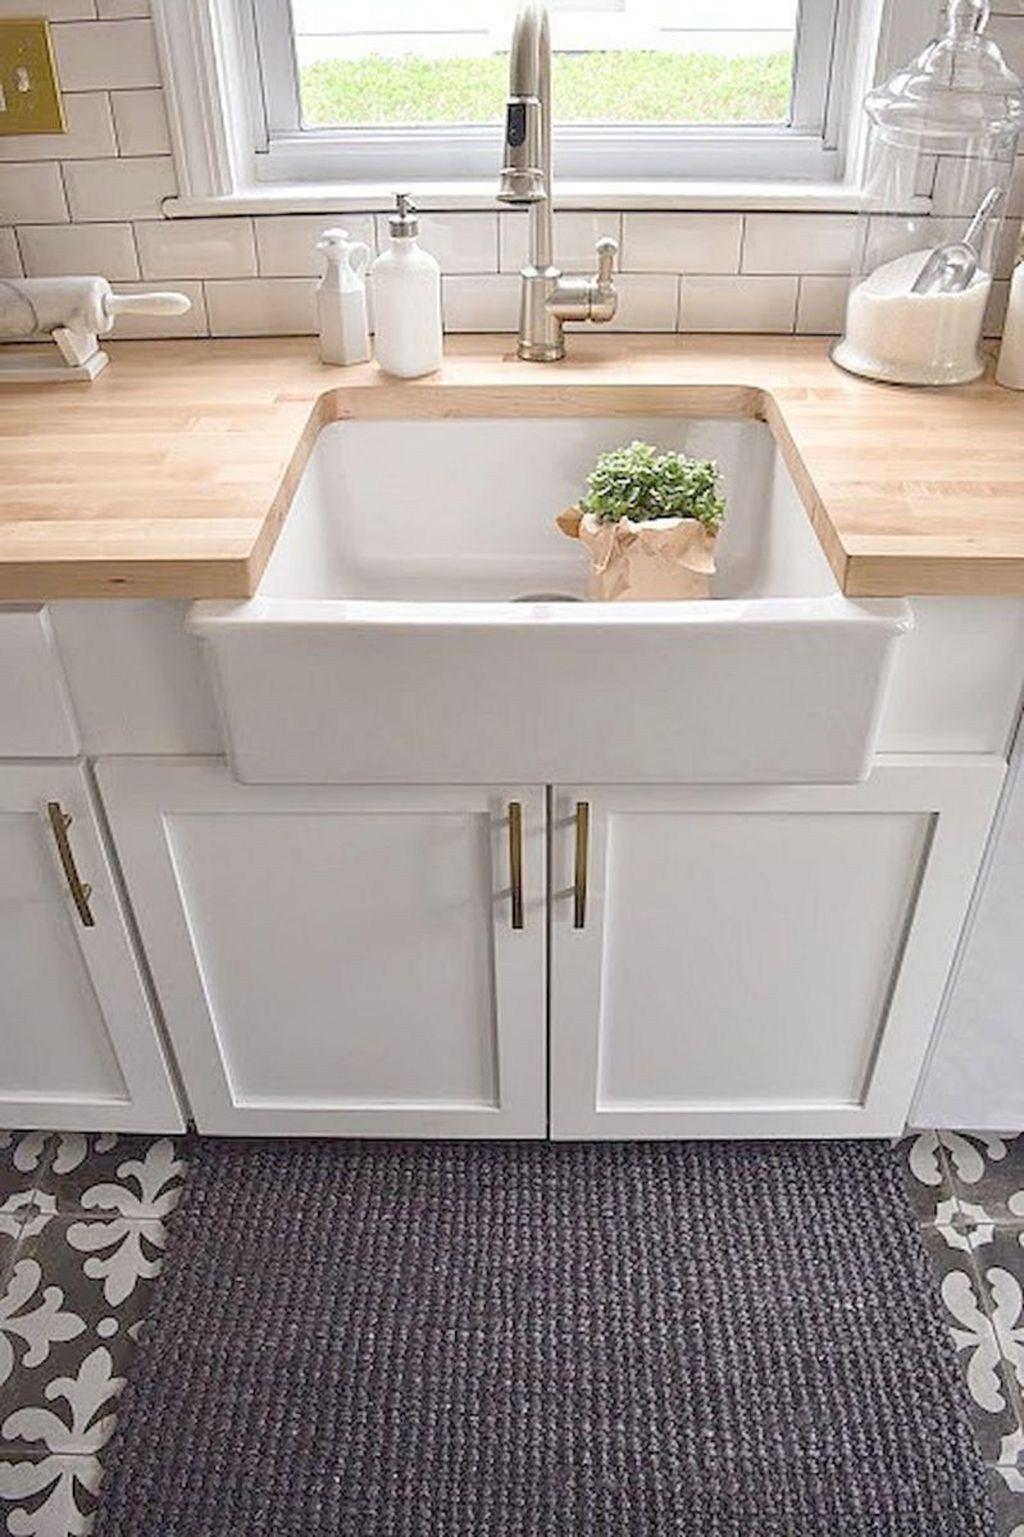 32 Stunning Rustic Farmhouse Kitchen Decor Ideas   Stylish ... on Farmhouse Kitchen Counter Decor Ideas  id=60360